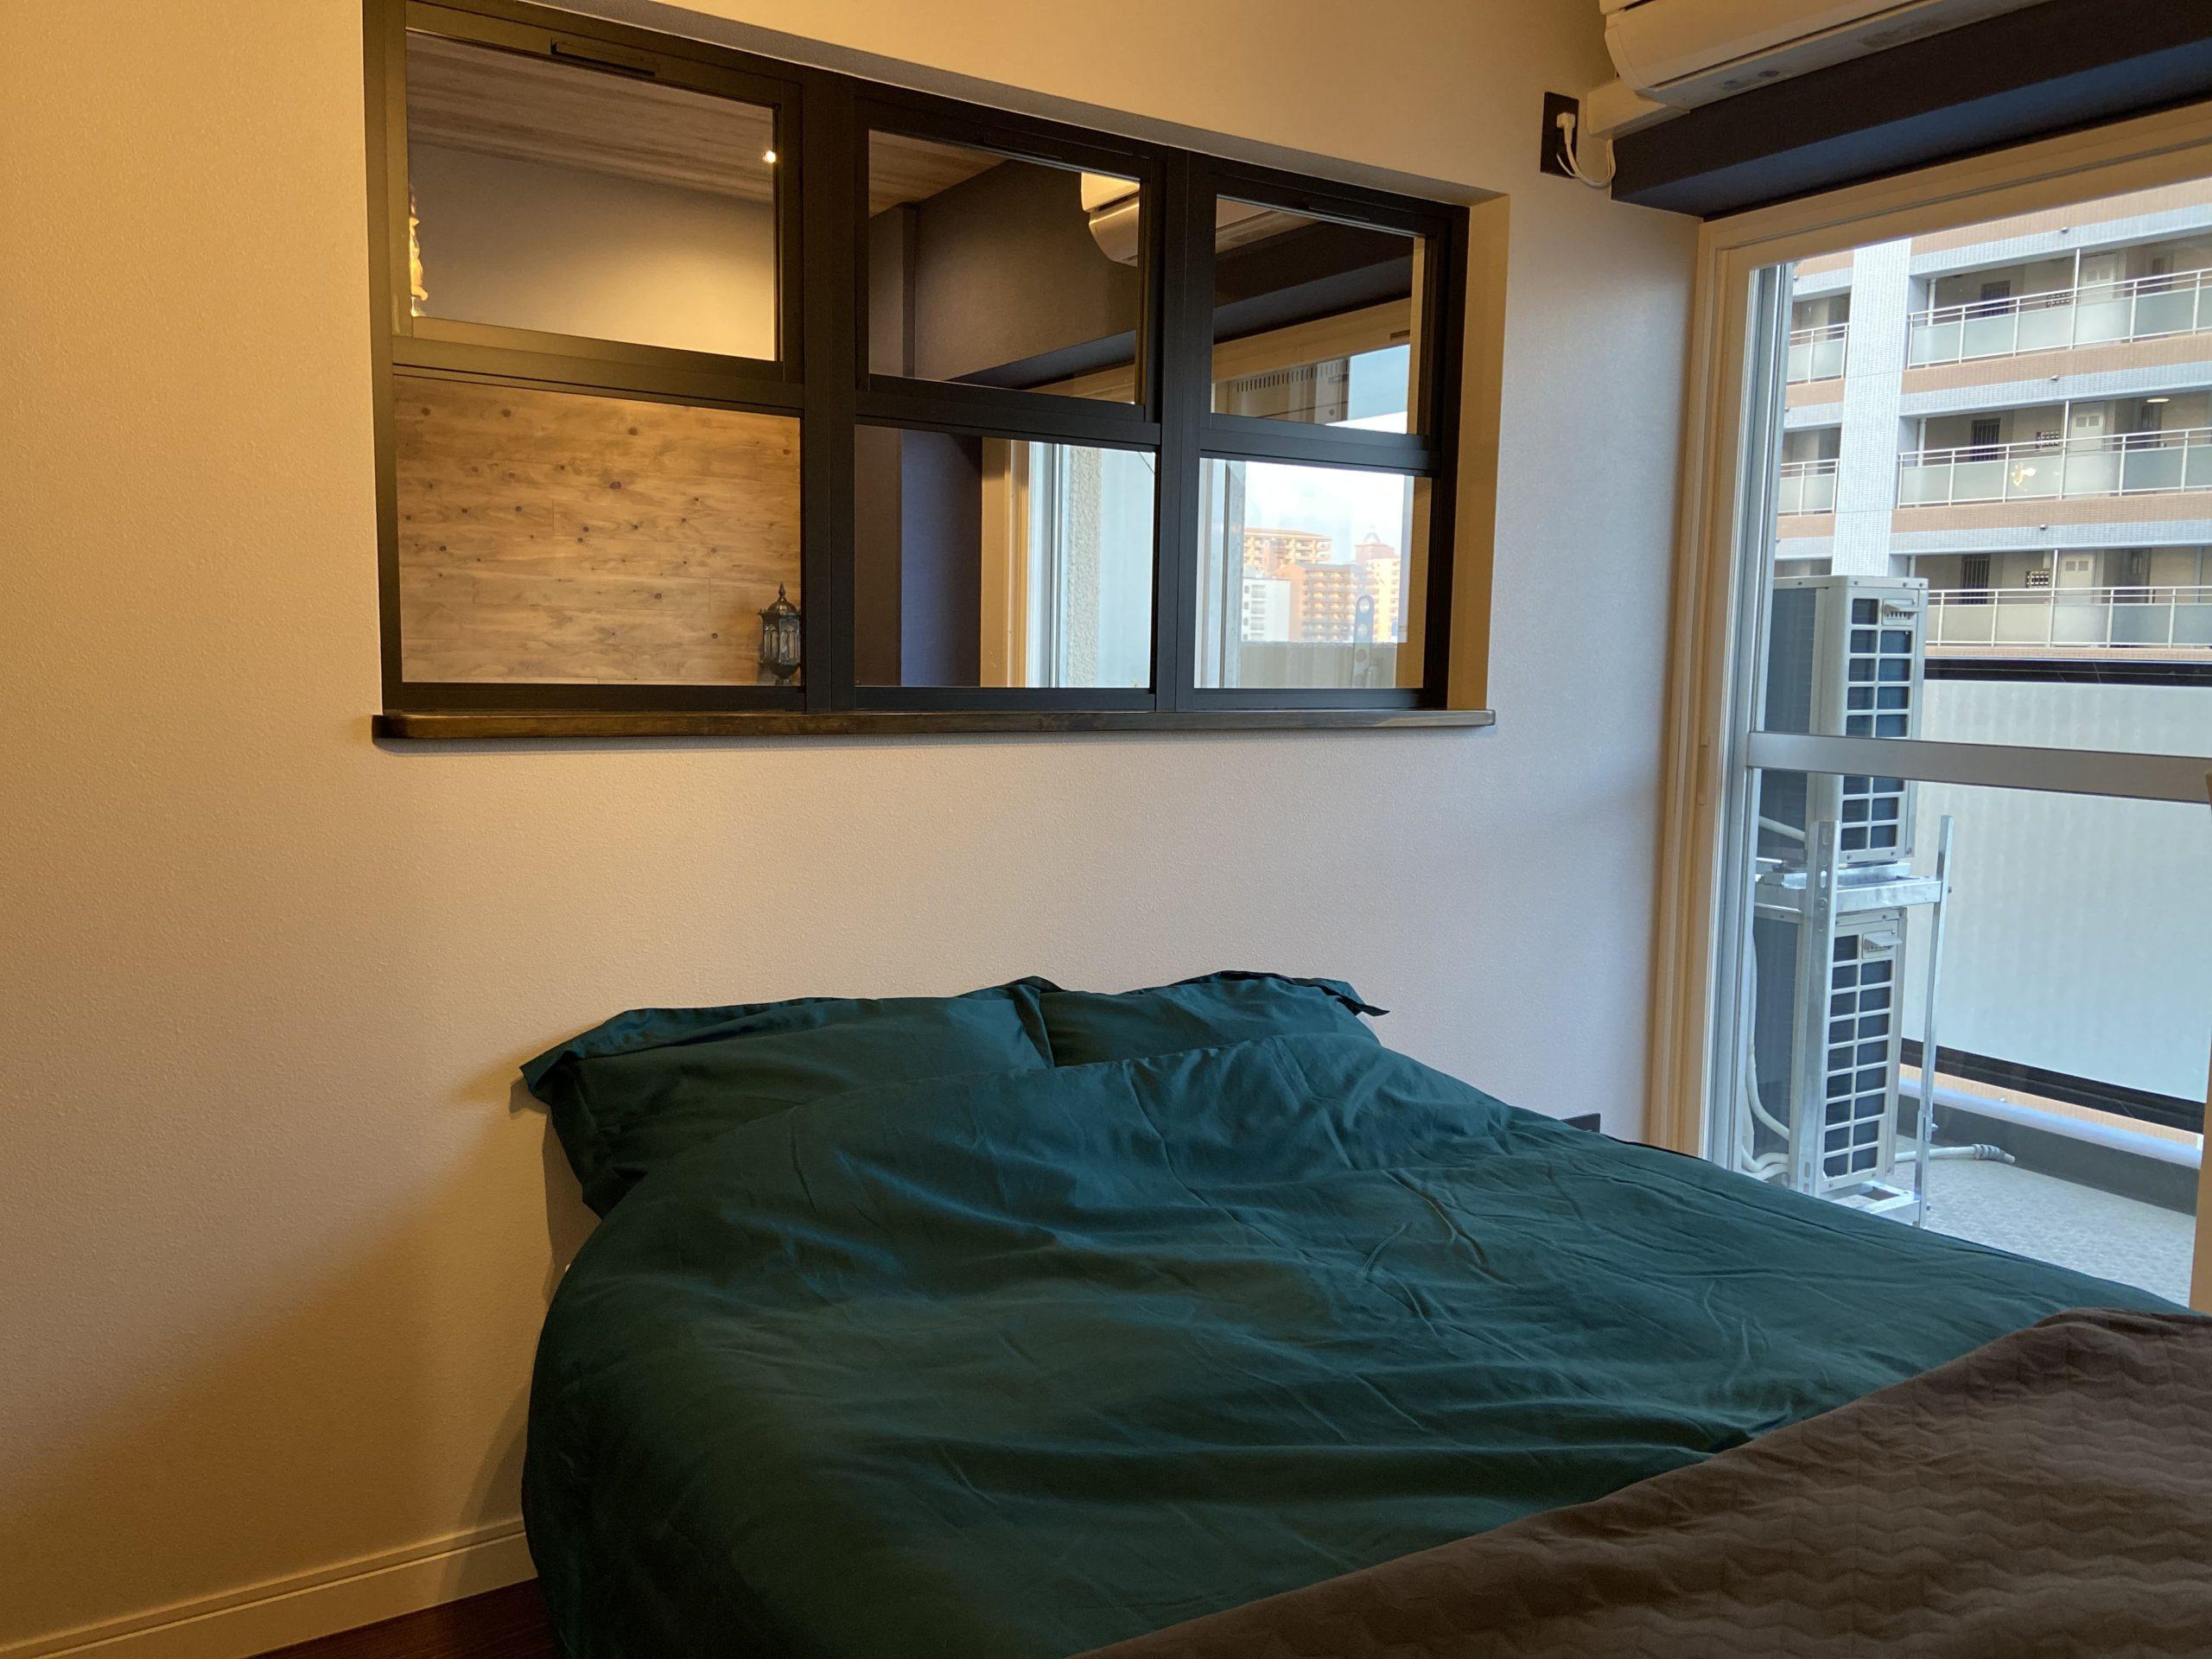 【明石市】海が見えるお部屋「ヴィンテージリゾート」明石アーバンライフ619号室。室内窓で明るく開放的に。バルコニー越しに見える海の景色をリビングにいながら眺められる贅沢な工夫。